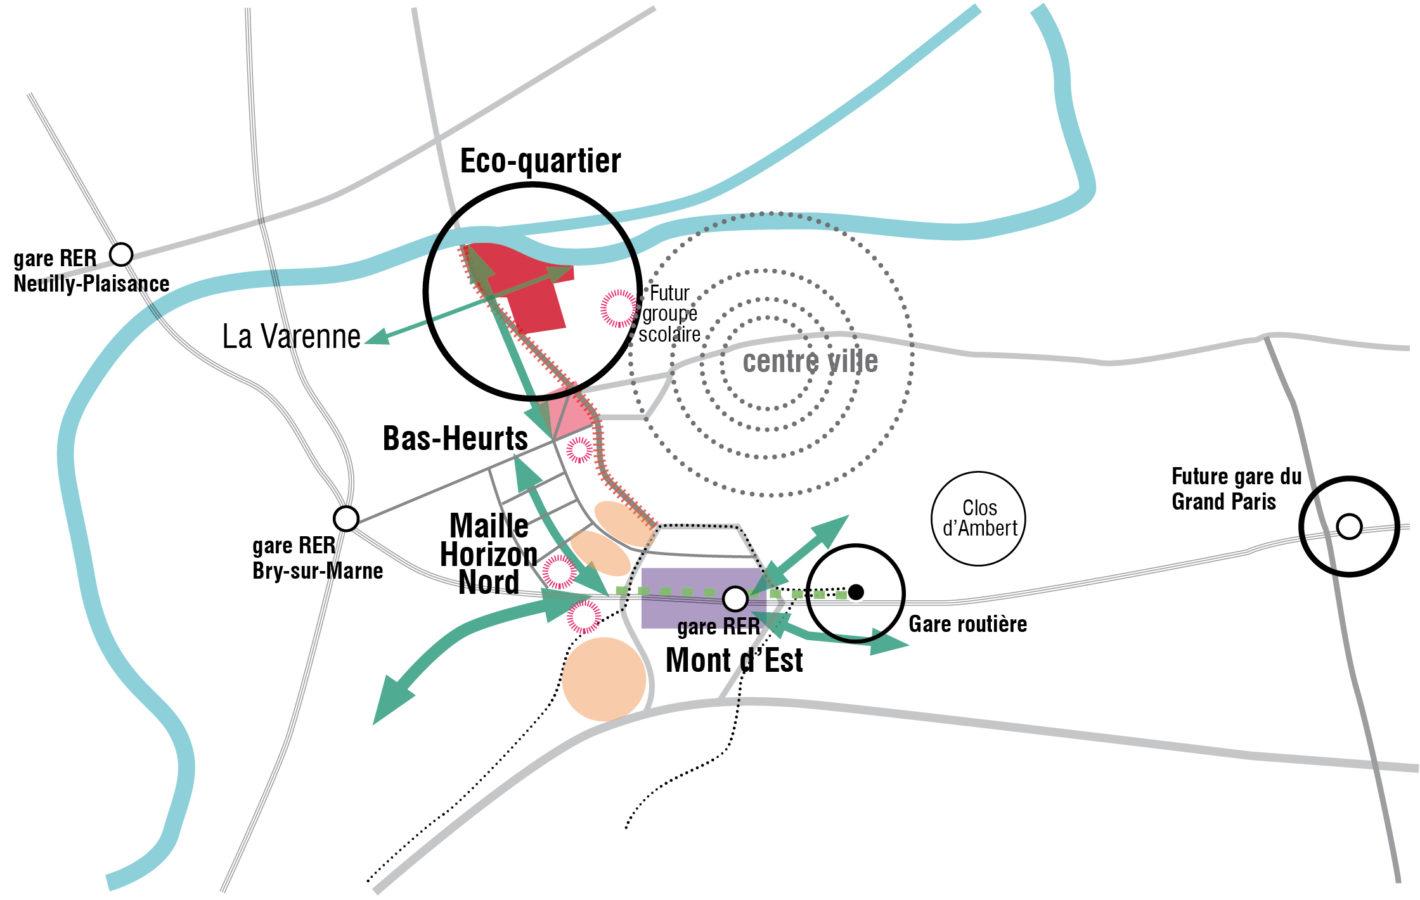 Ecoquartier île de la Marne - Mutabilis